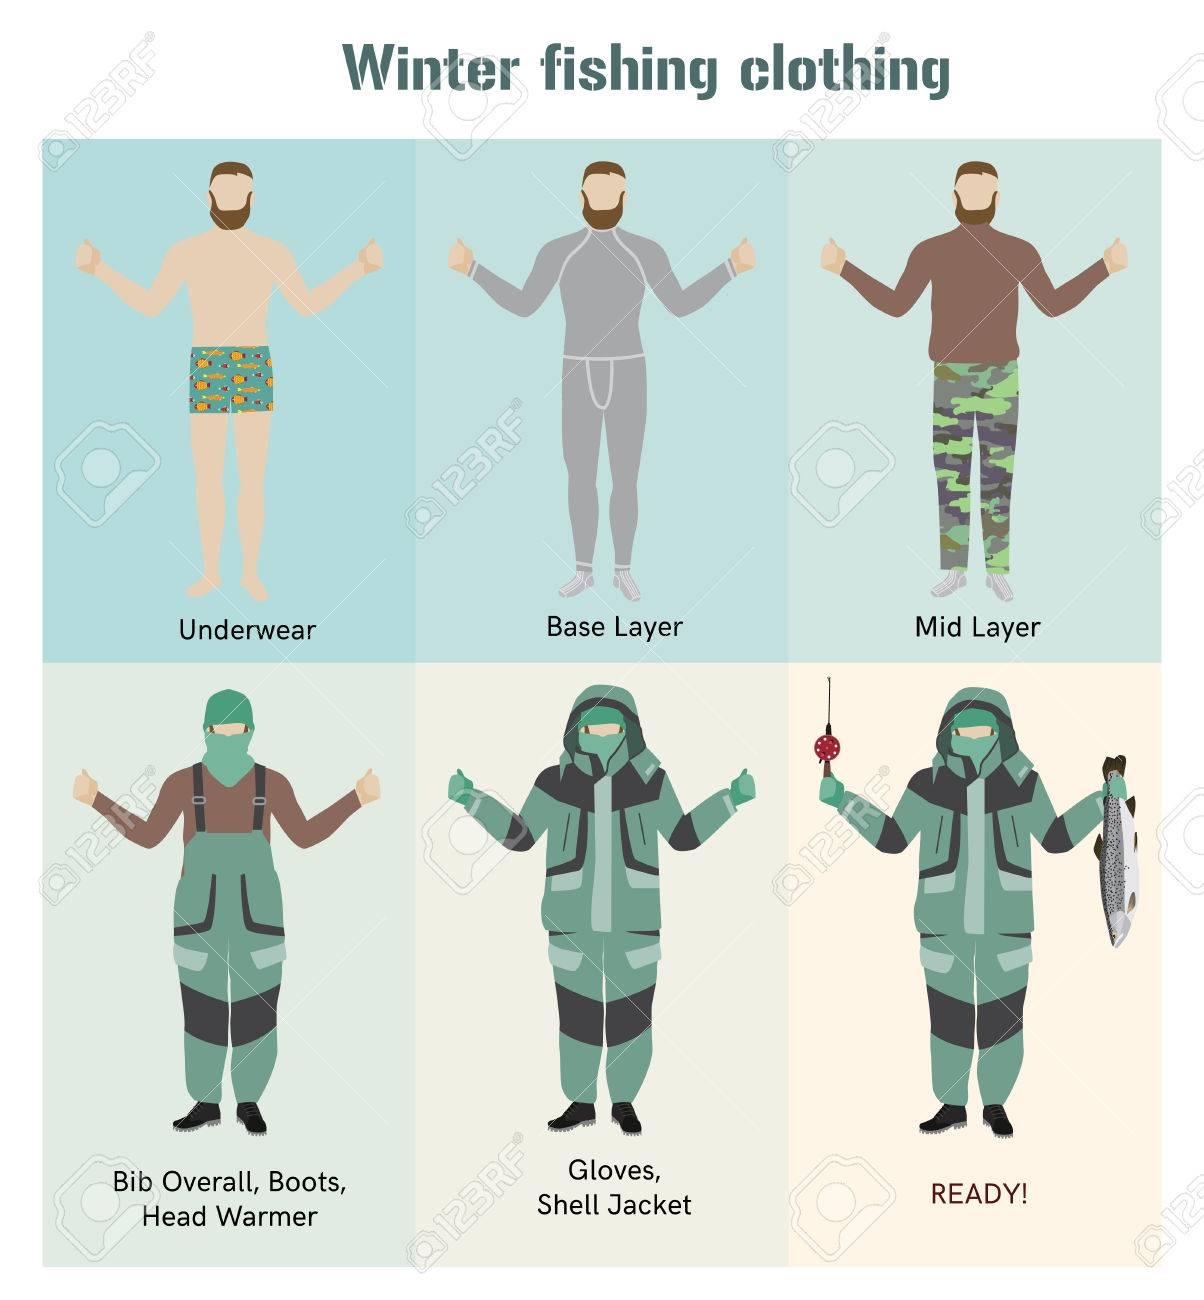 Vecteur Pêche Froid De Plat Illustration Vêtements Les Temps Par q1PB4